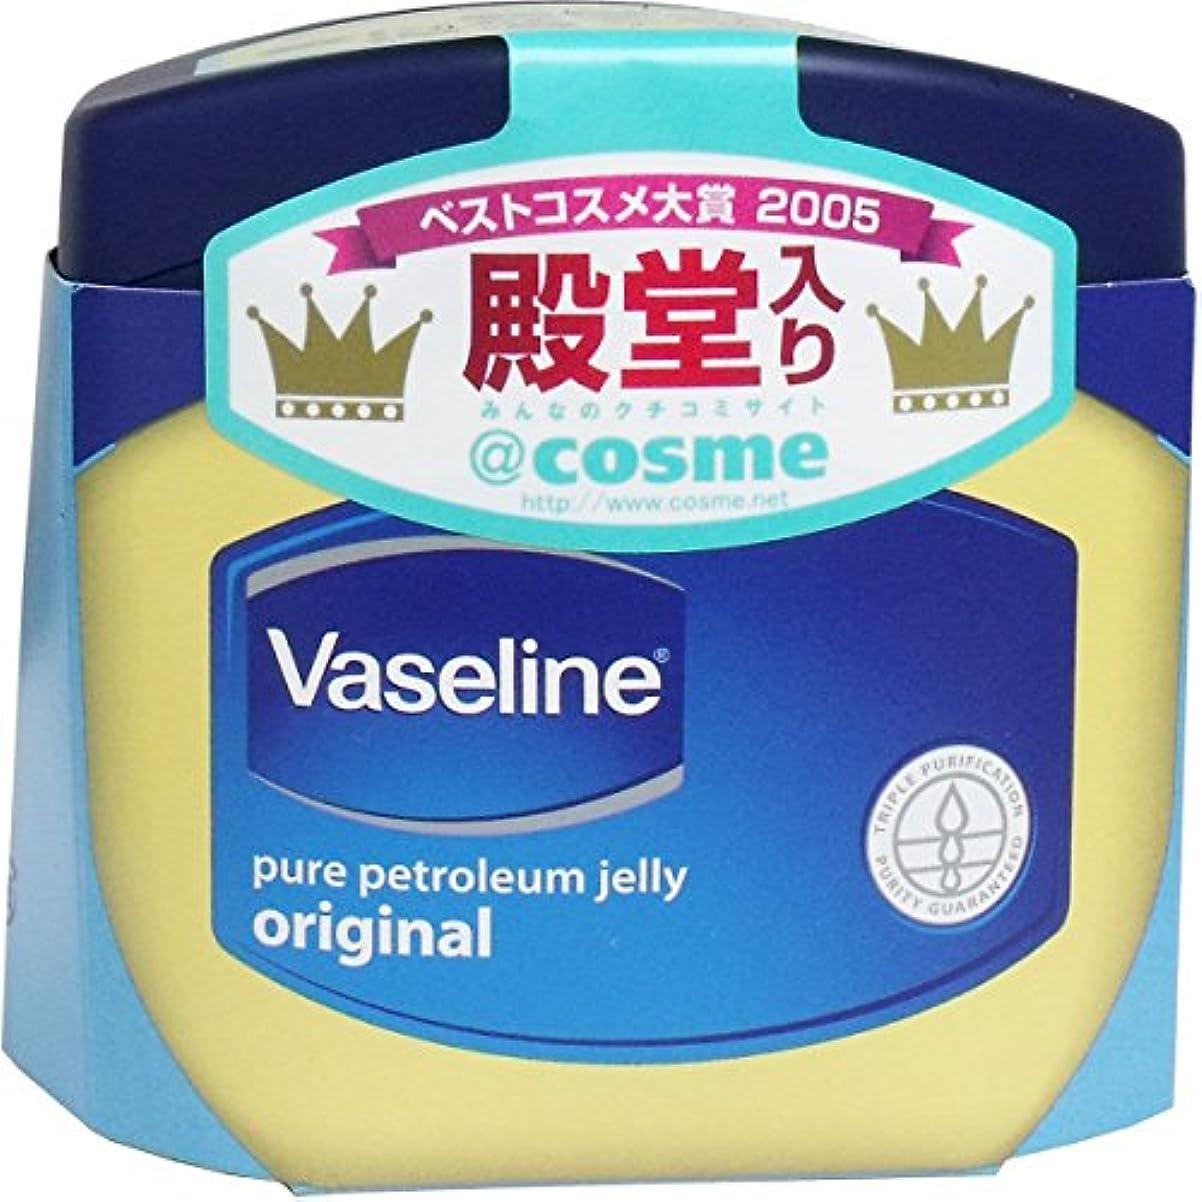 グレー世界の窓世界の窓【Vaseline】ヴァセリン ピュアスキンジェリー (スキンオイル) 200g ×10個セット